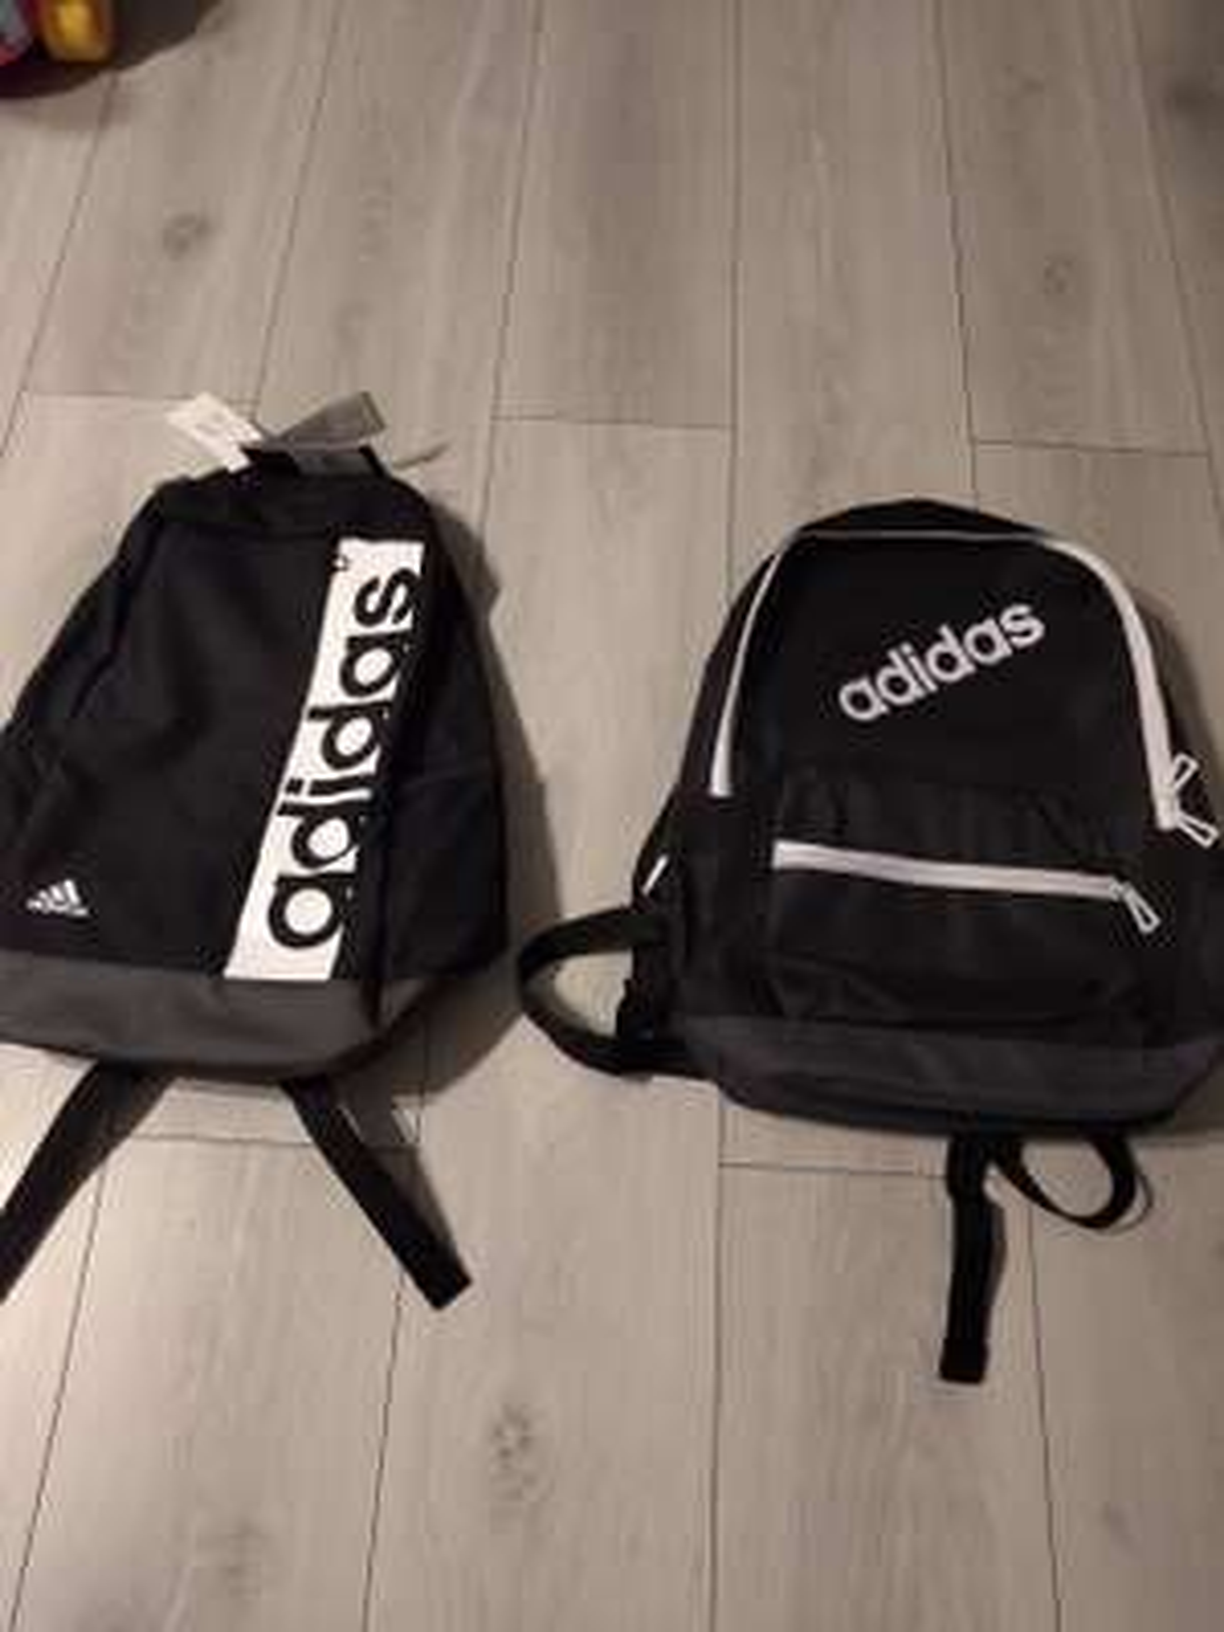 Plecak Adidas - błąd cenowy @Biedronka